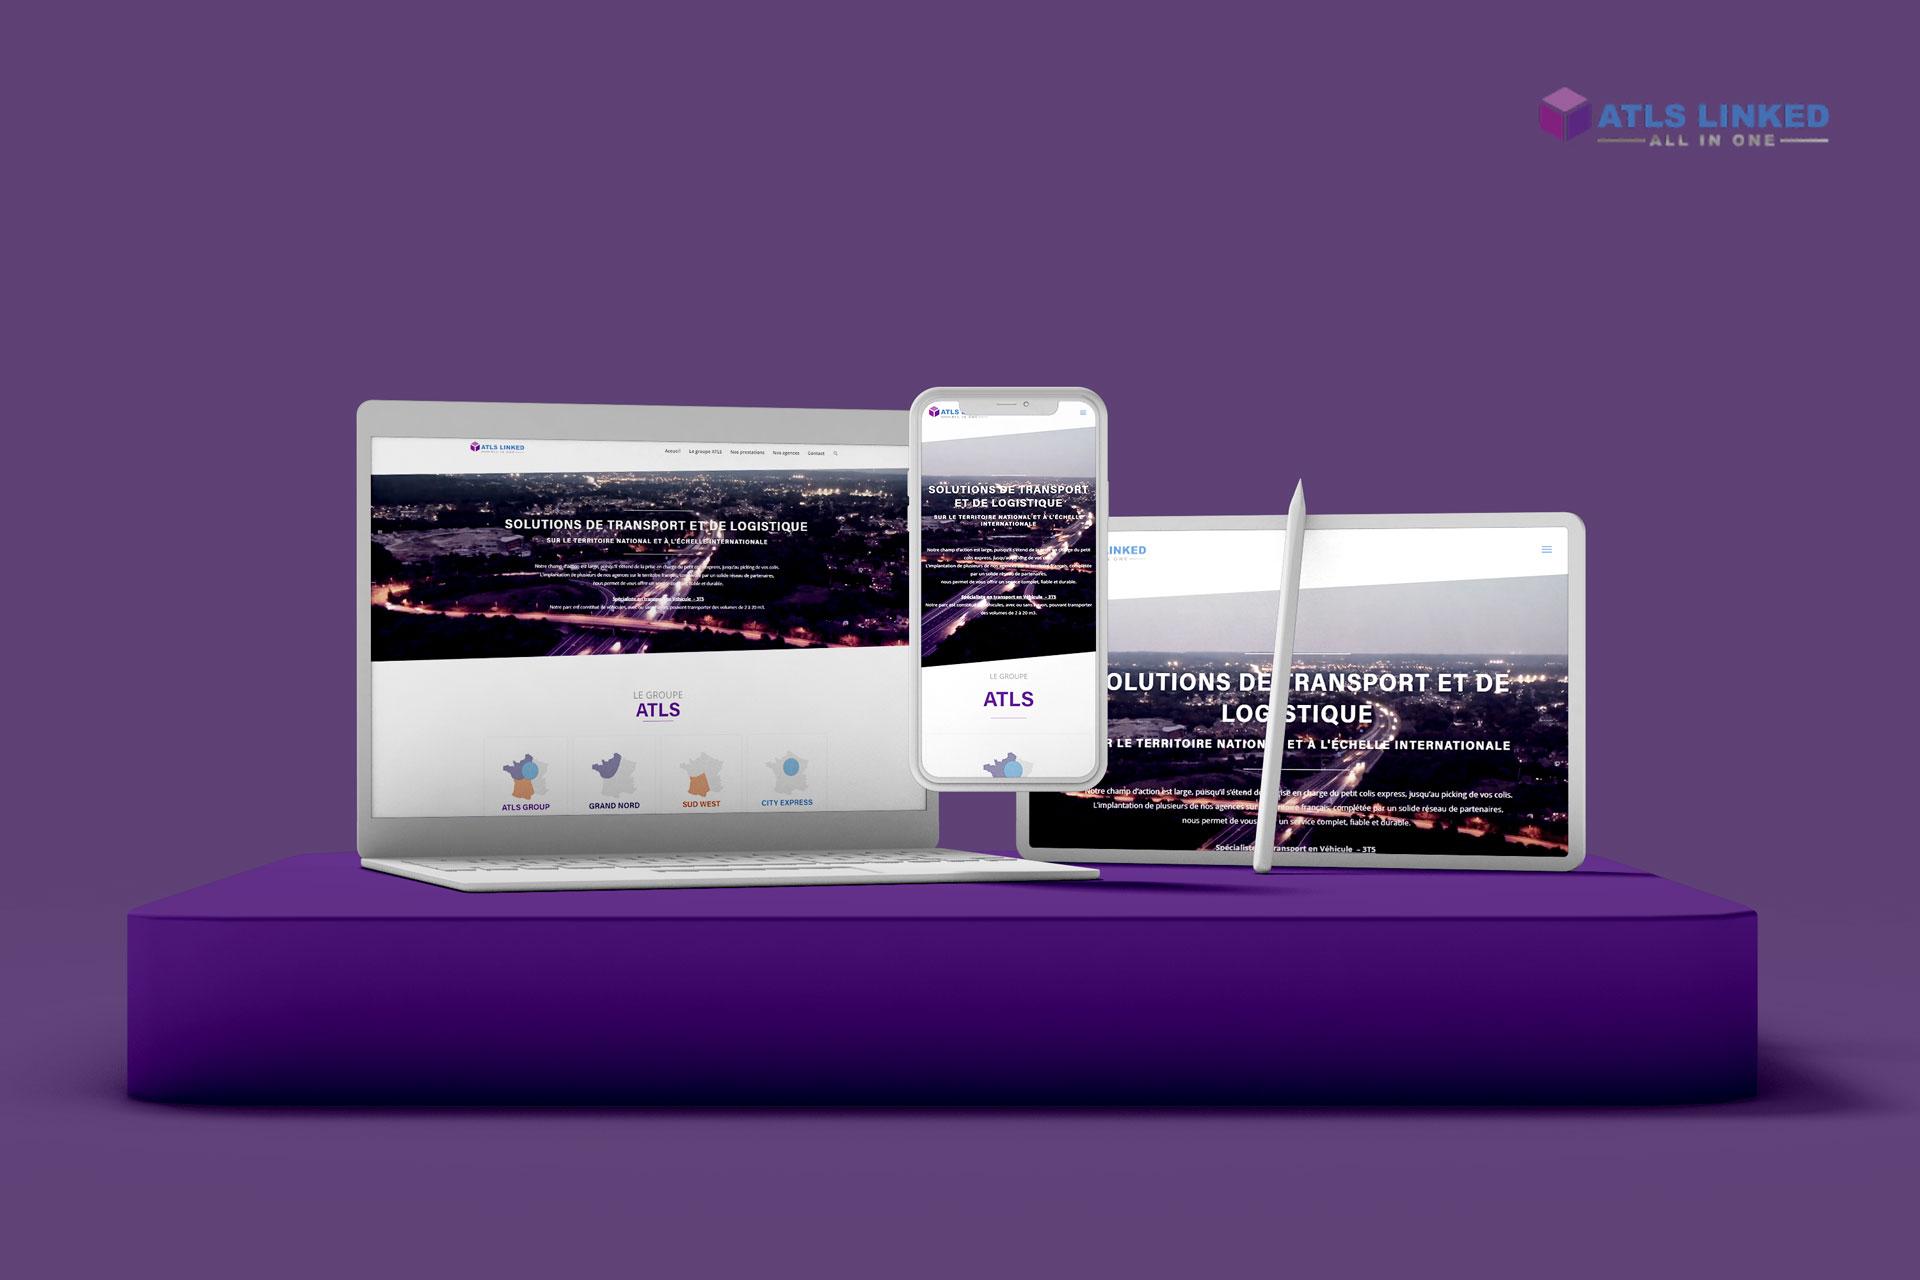 mockup ATLS, transport et logistique, client d'i-media, agence de communication digitale à Rouen